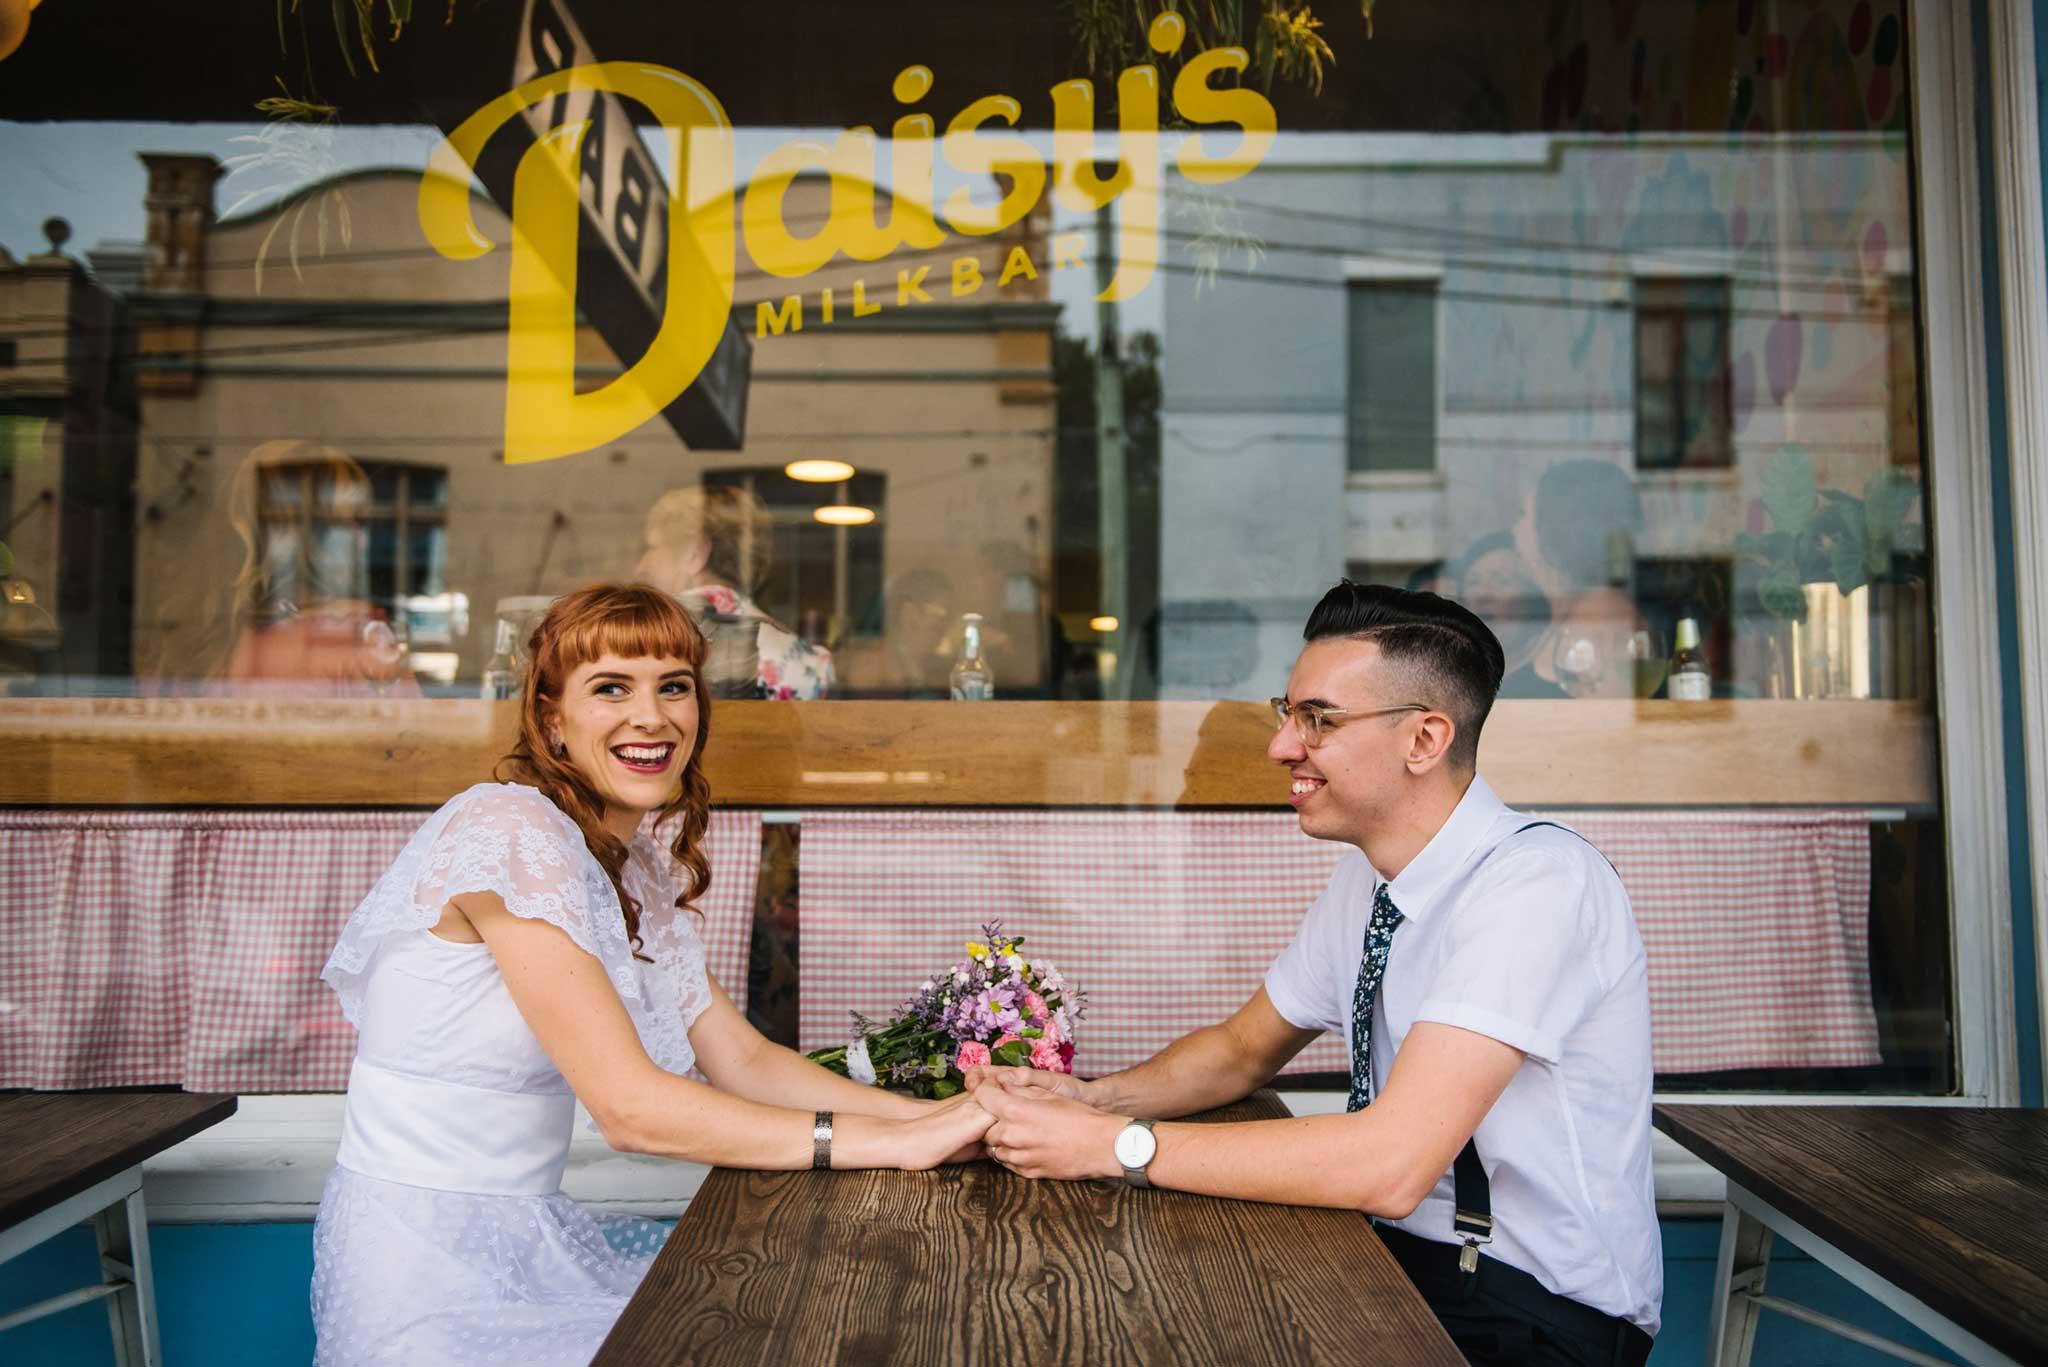 Daisys-Milkbar-Wedding-005.jpg